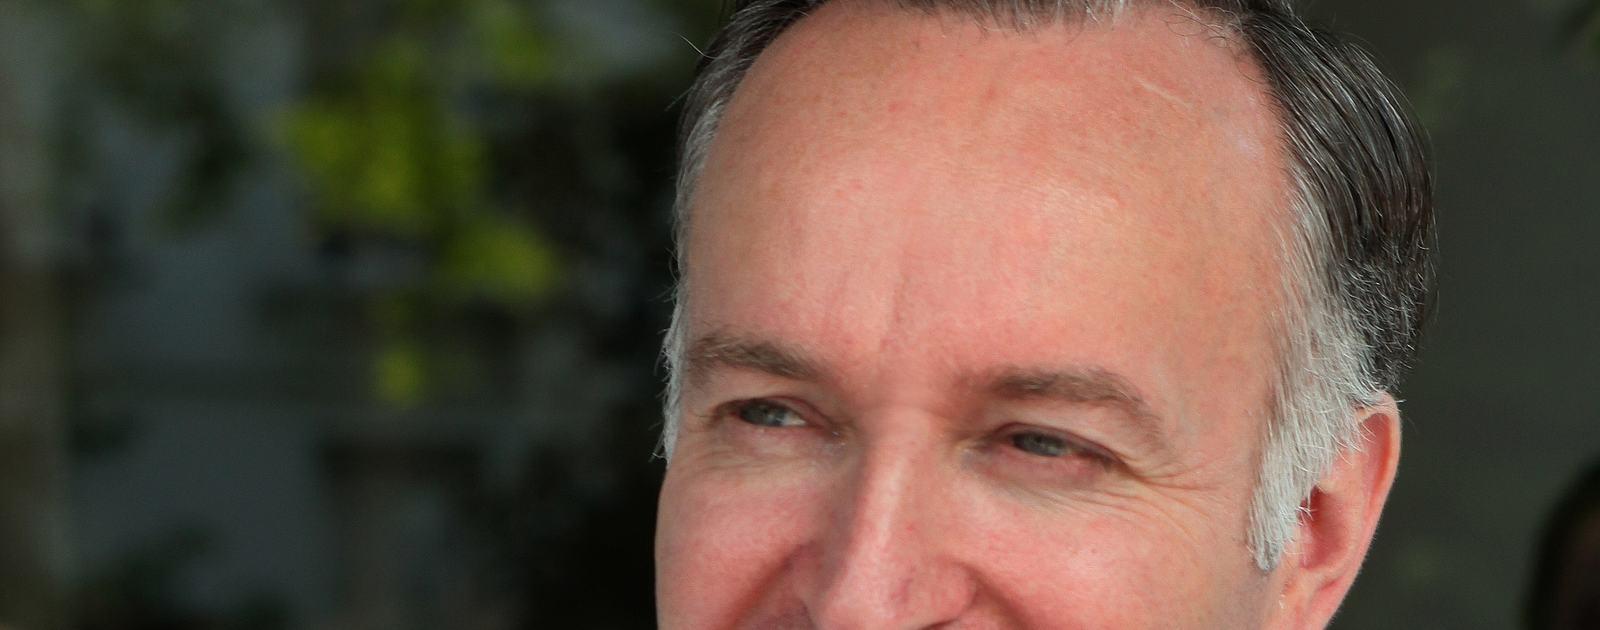 Andrew O'Hagan headshot